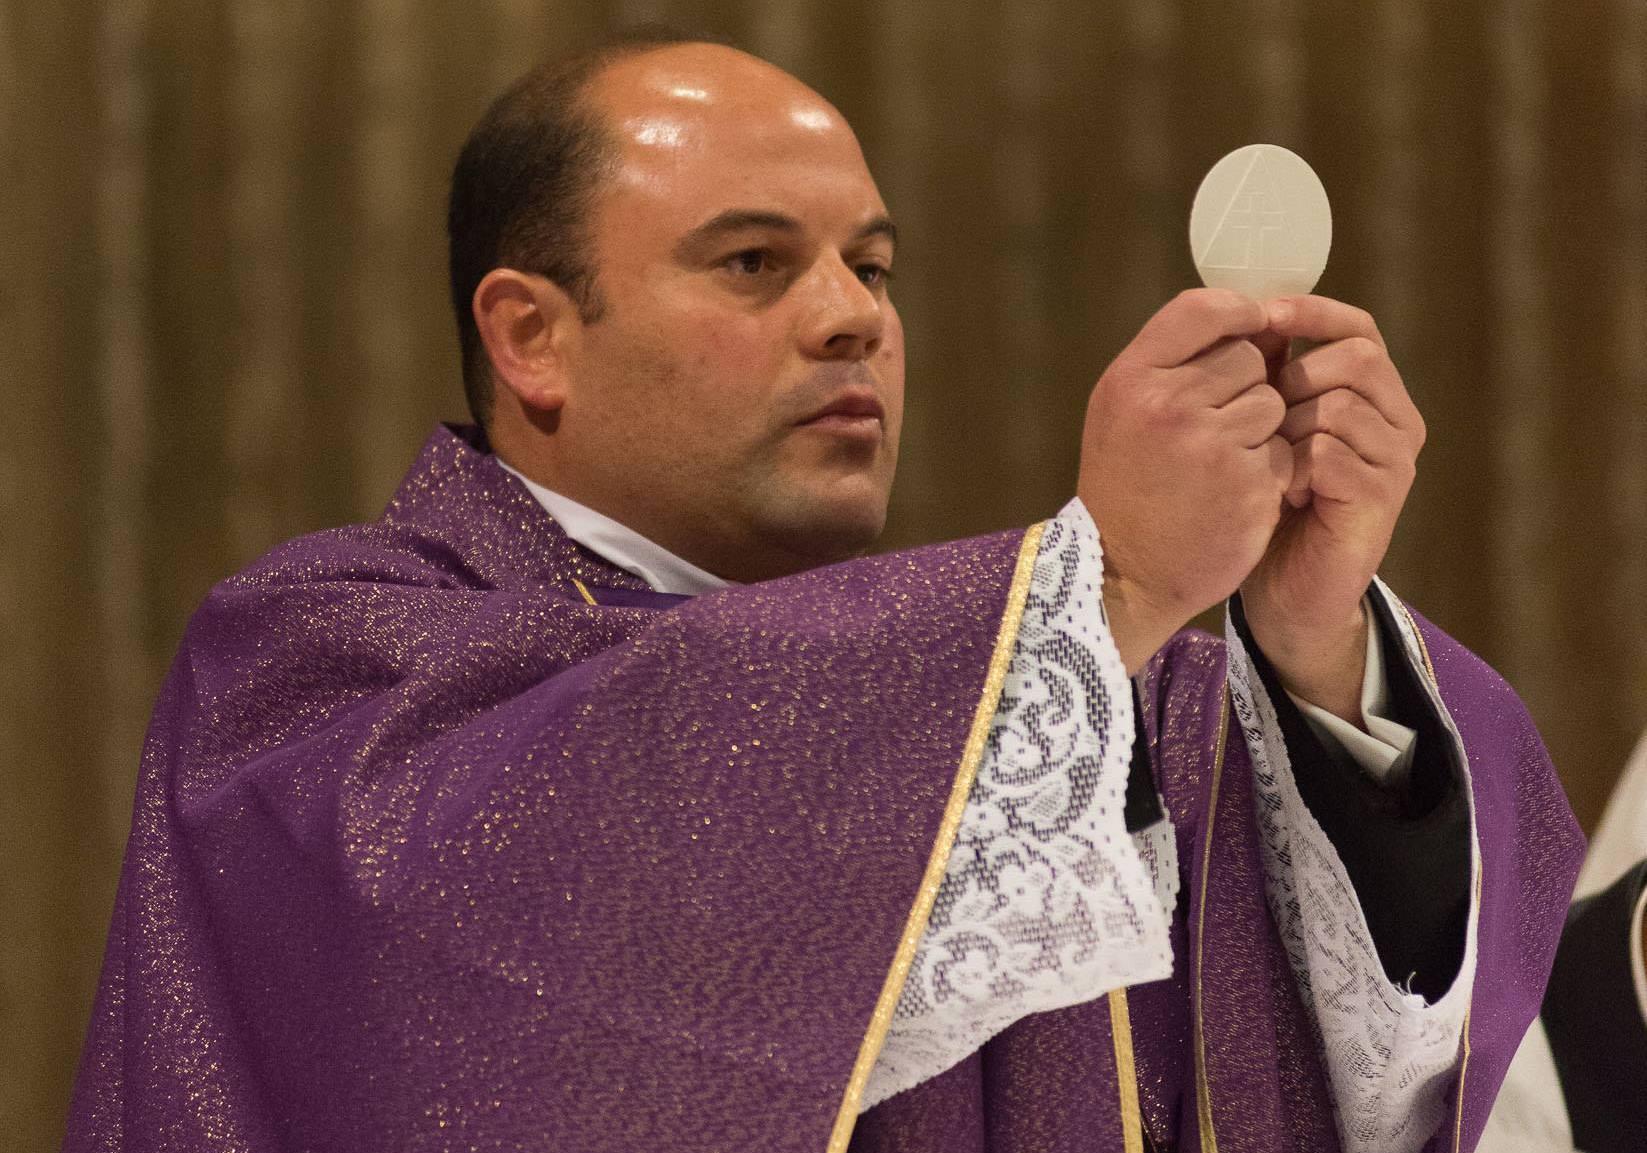 Católico cê sabia???